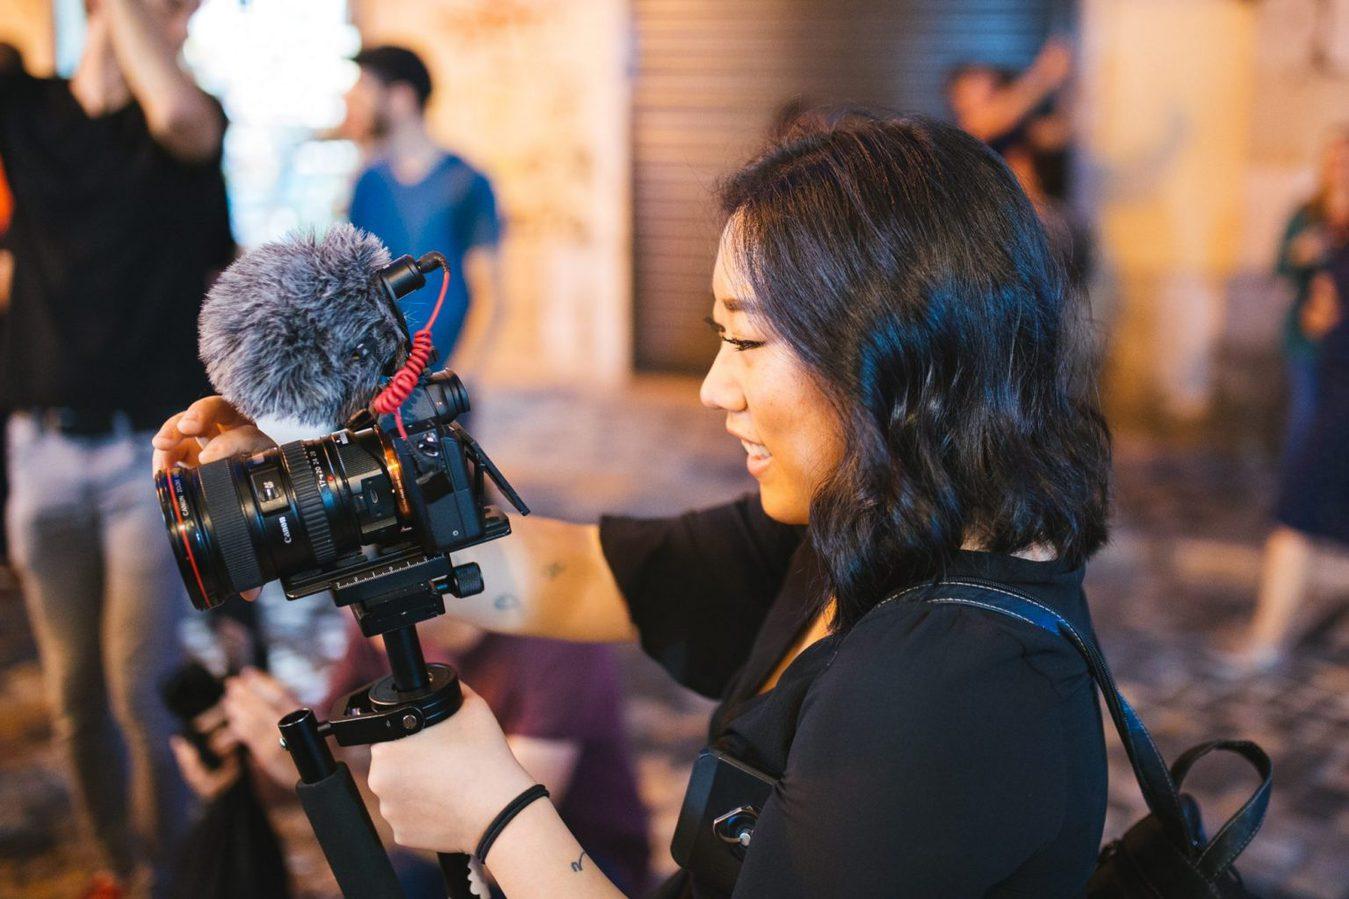 Scatto laterale di una donna che tiene e punta una fotocamera